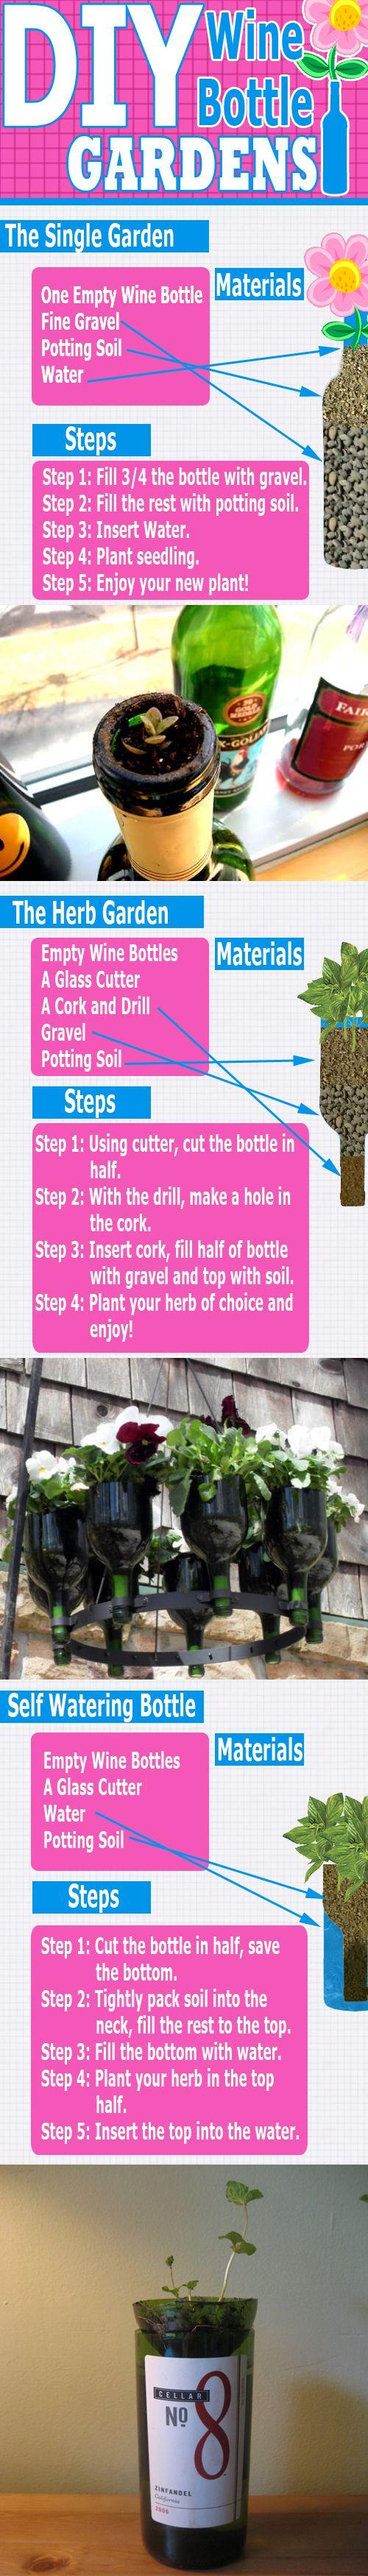 DIY Wine Bottle Garden